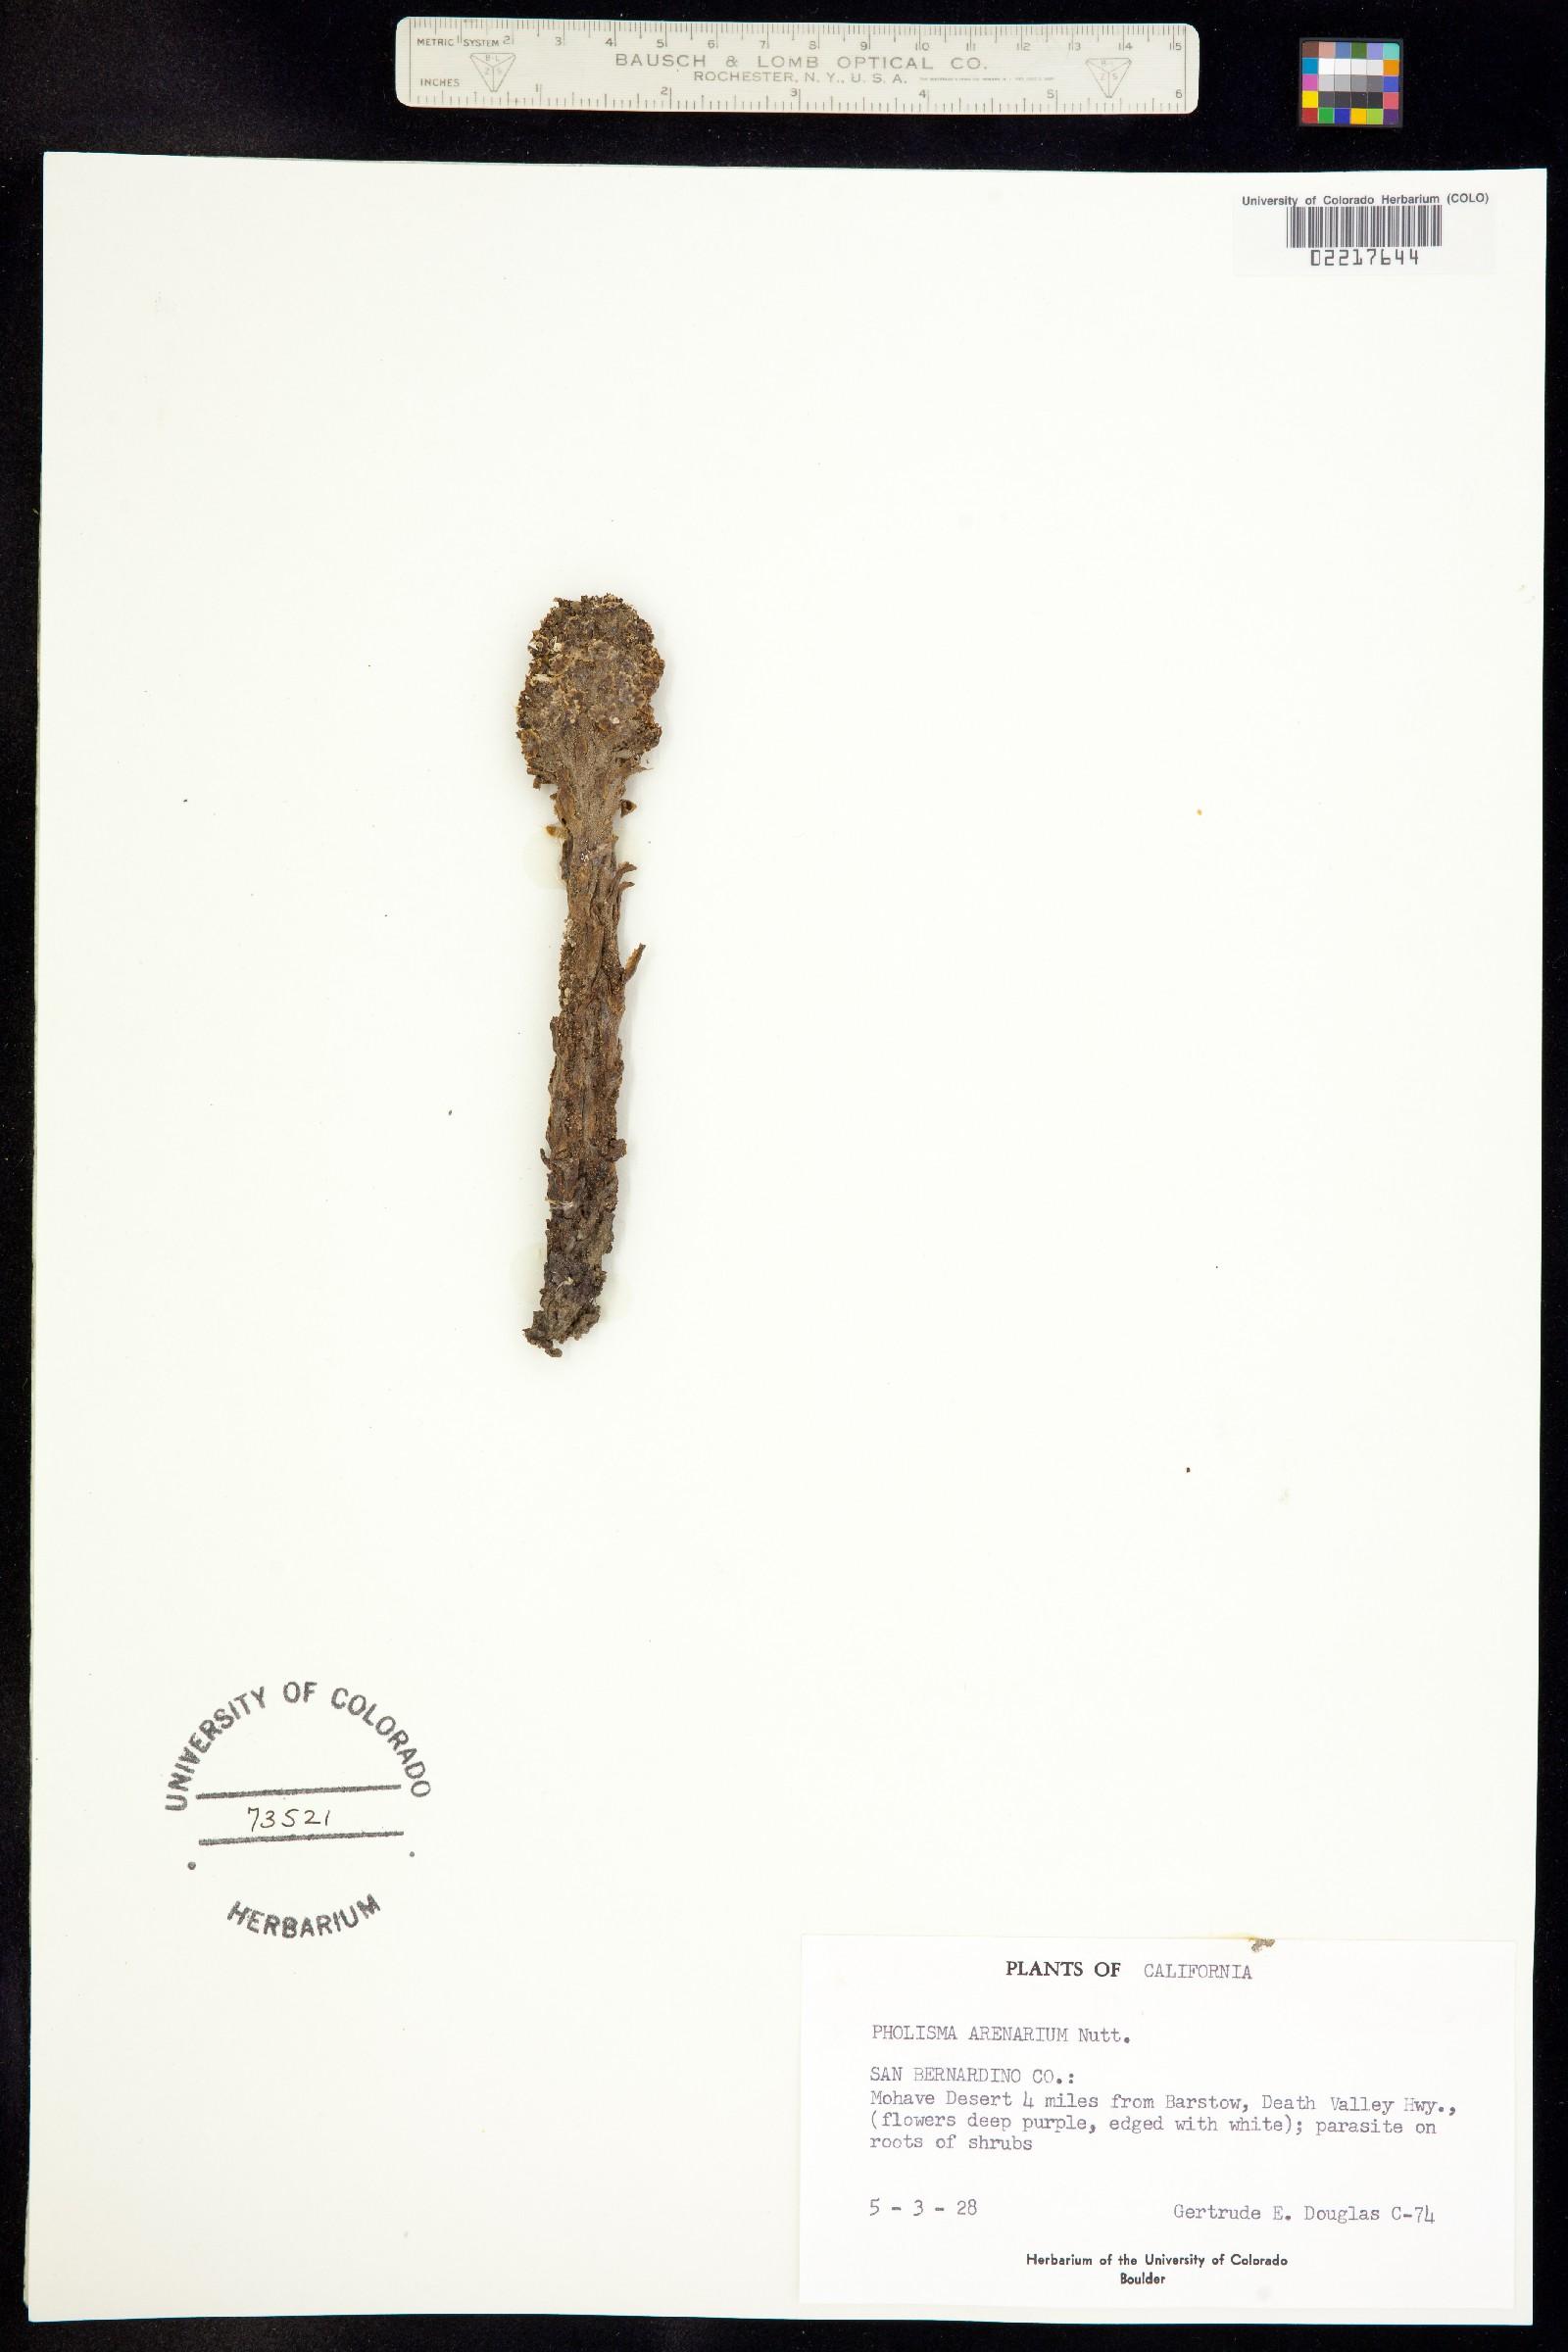 Pholisma arenarium image